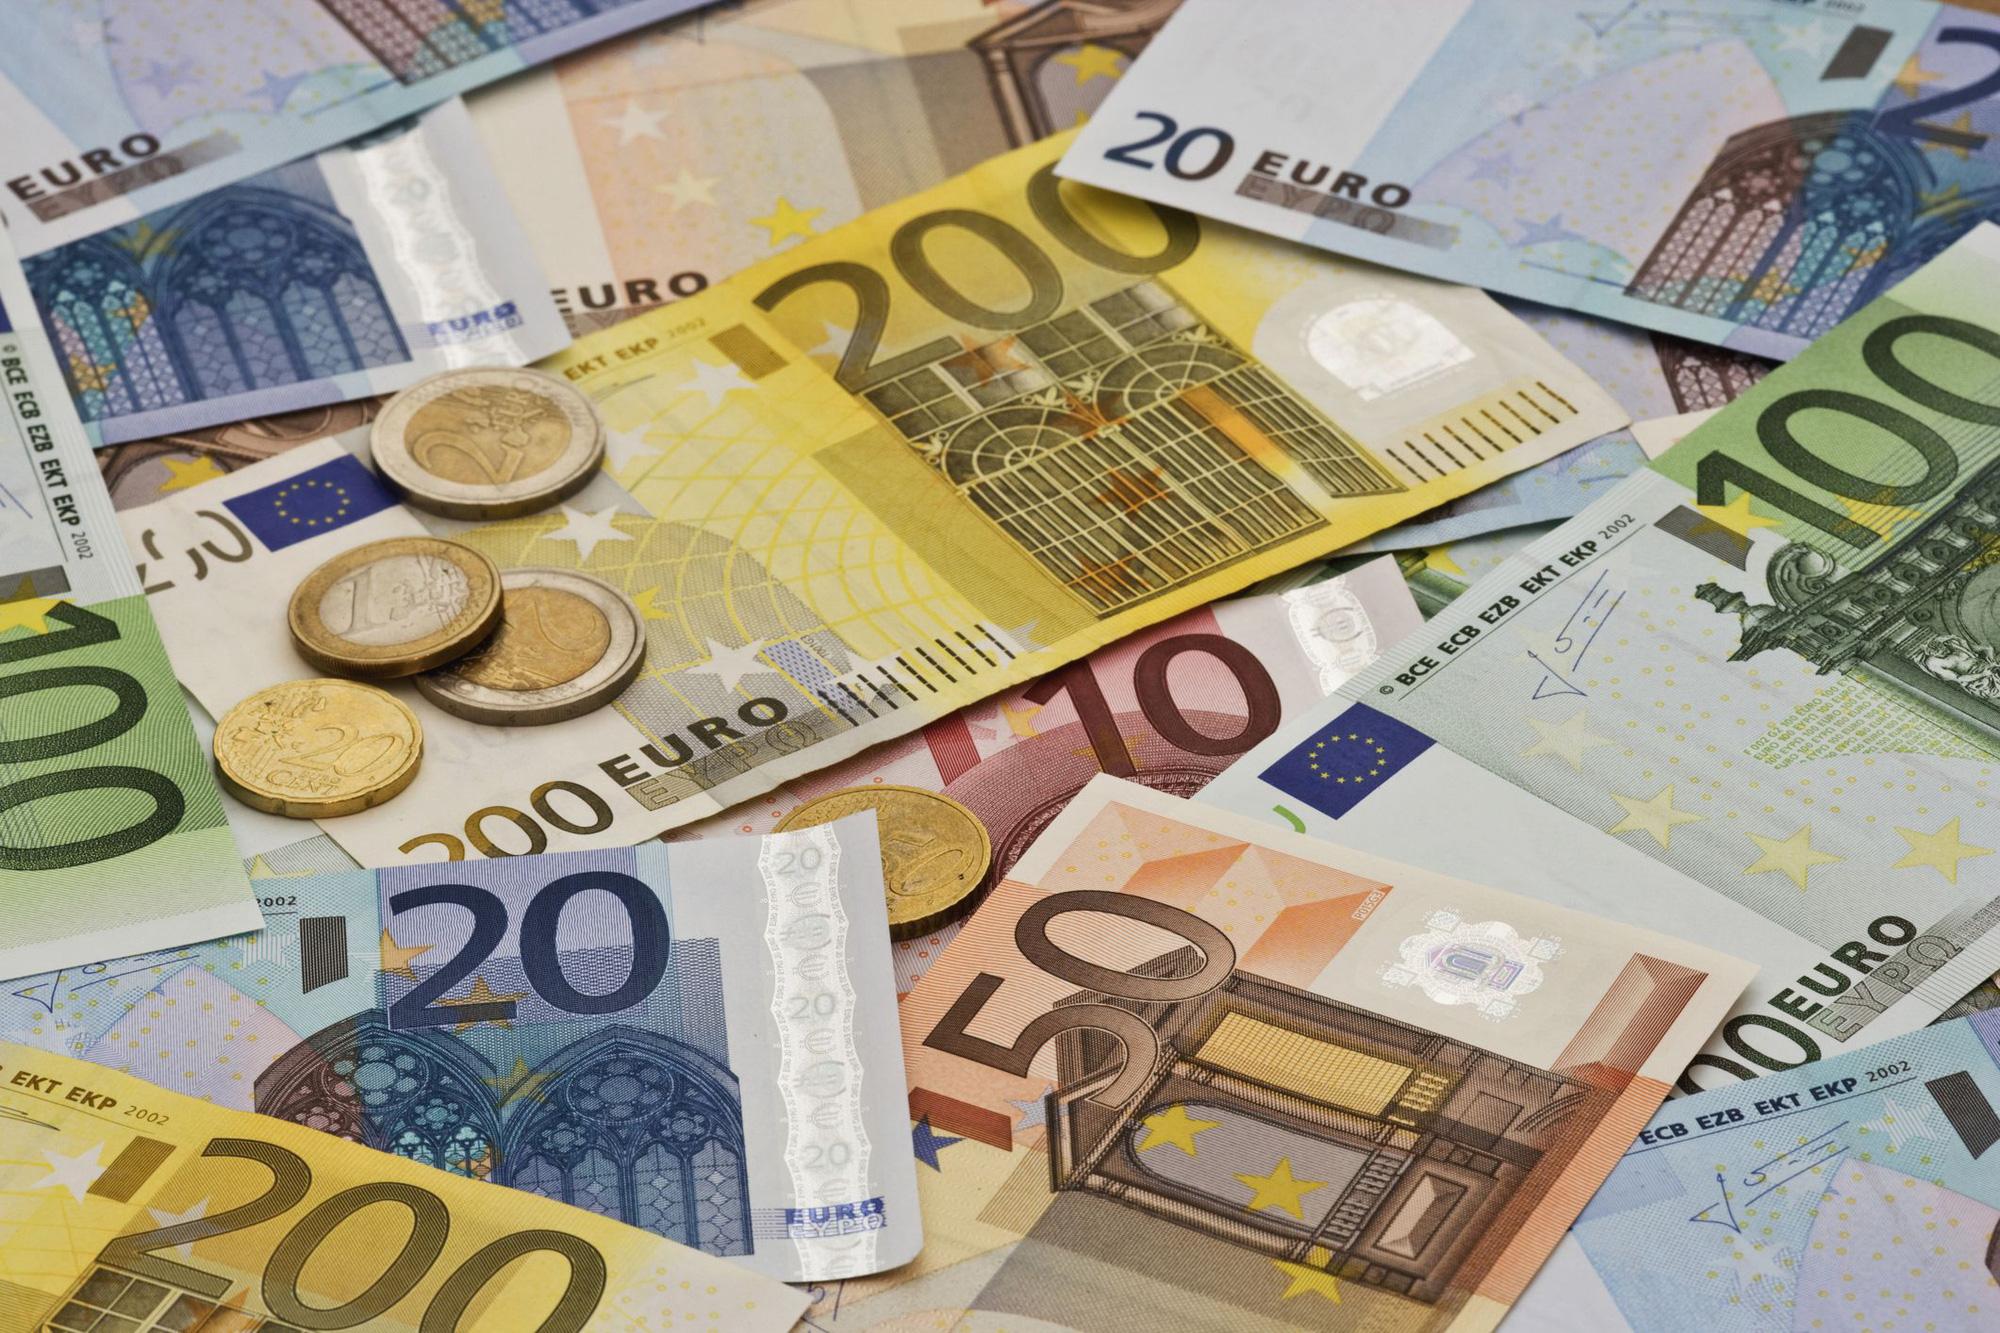 Tỷ giá đồng Euro hôm nay 6/5: Giá Euro trong nước tiếp tục sụt giảm - Ảnh 1.